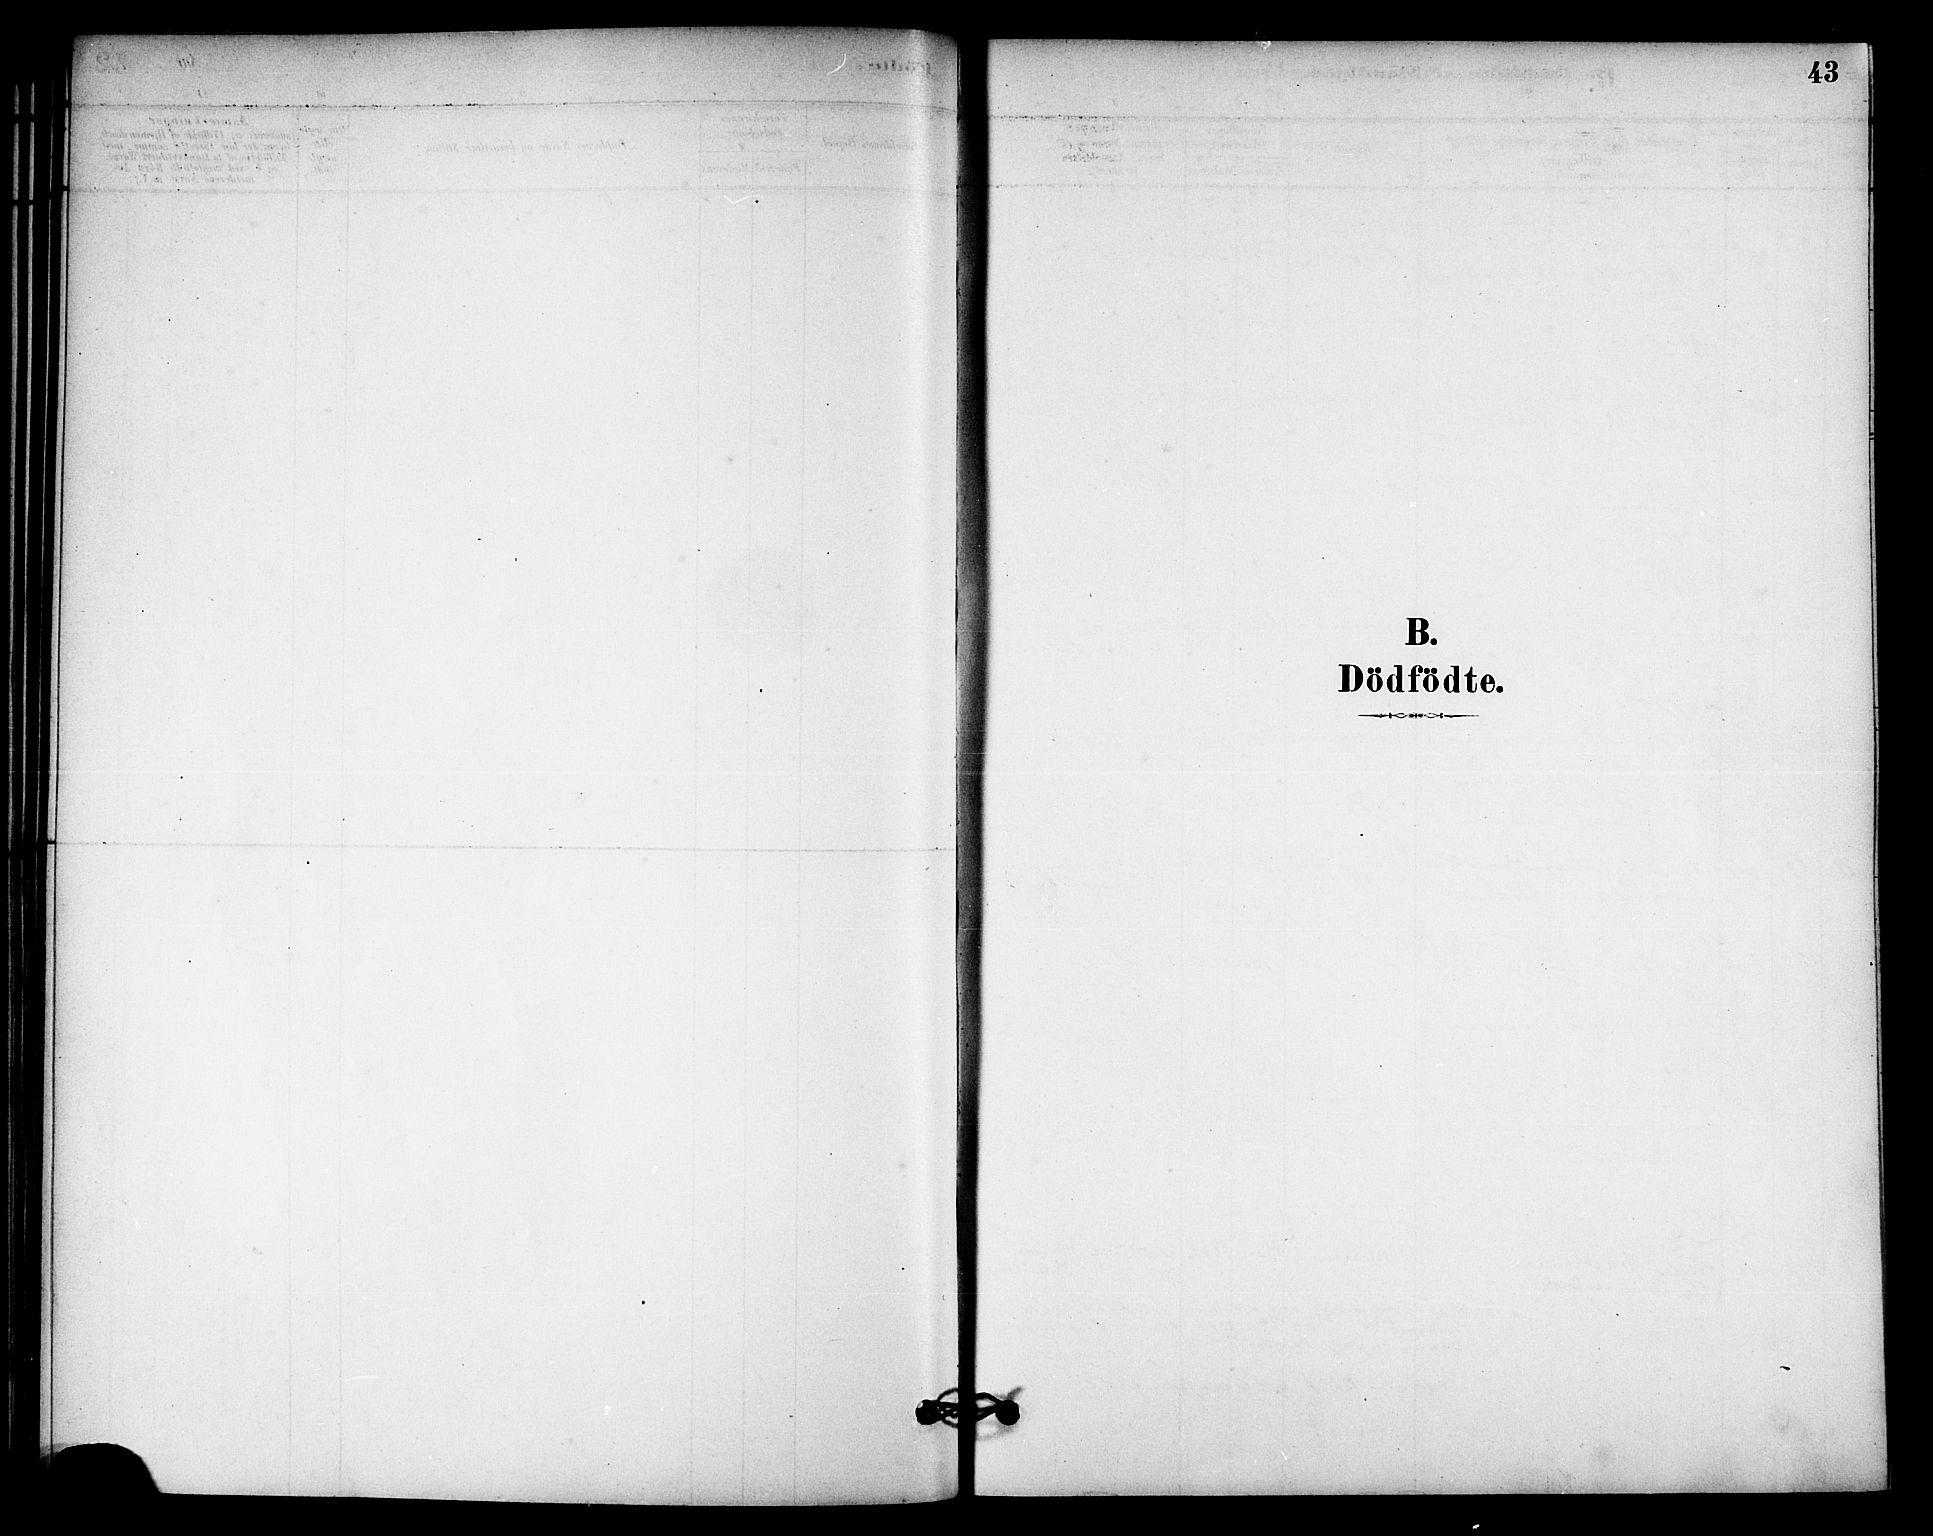 SAT, Ministerialprotokoller, klokkerbøker og fødselsregistre - Nord-Trøndelag, 740/L0378: Ministerialbok nr. 740A01, 1881-1895, s. 43